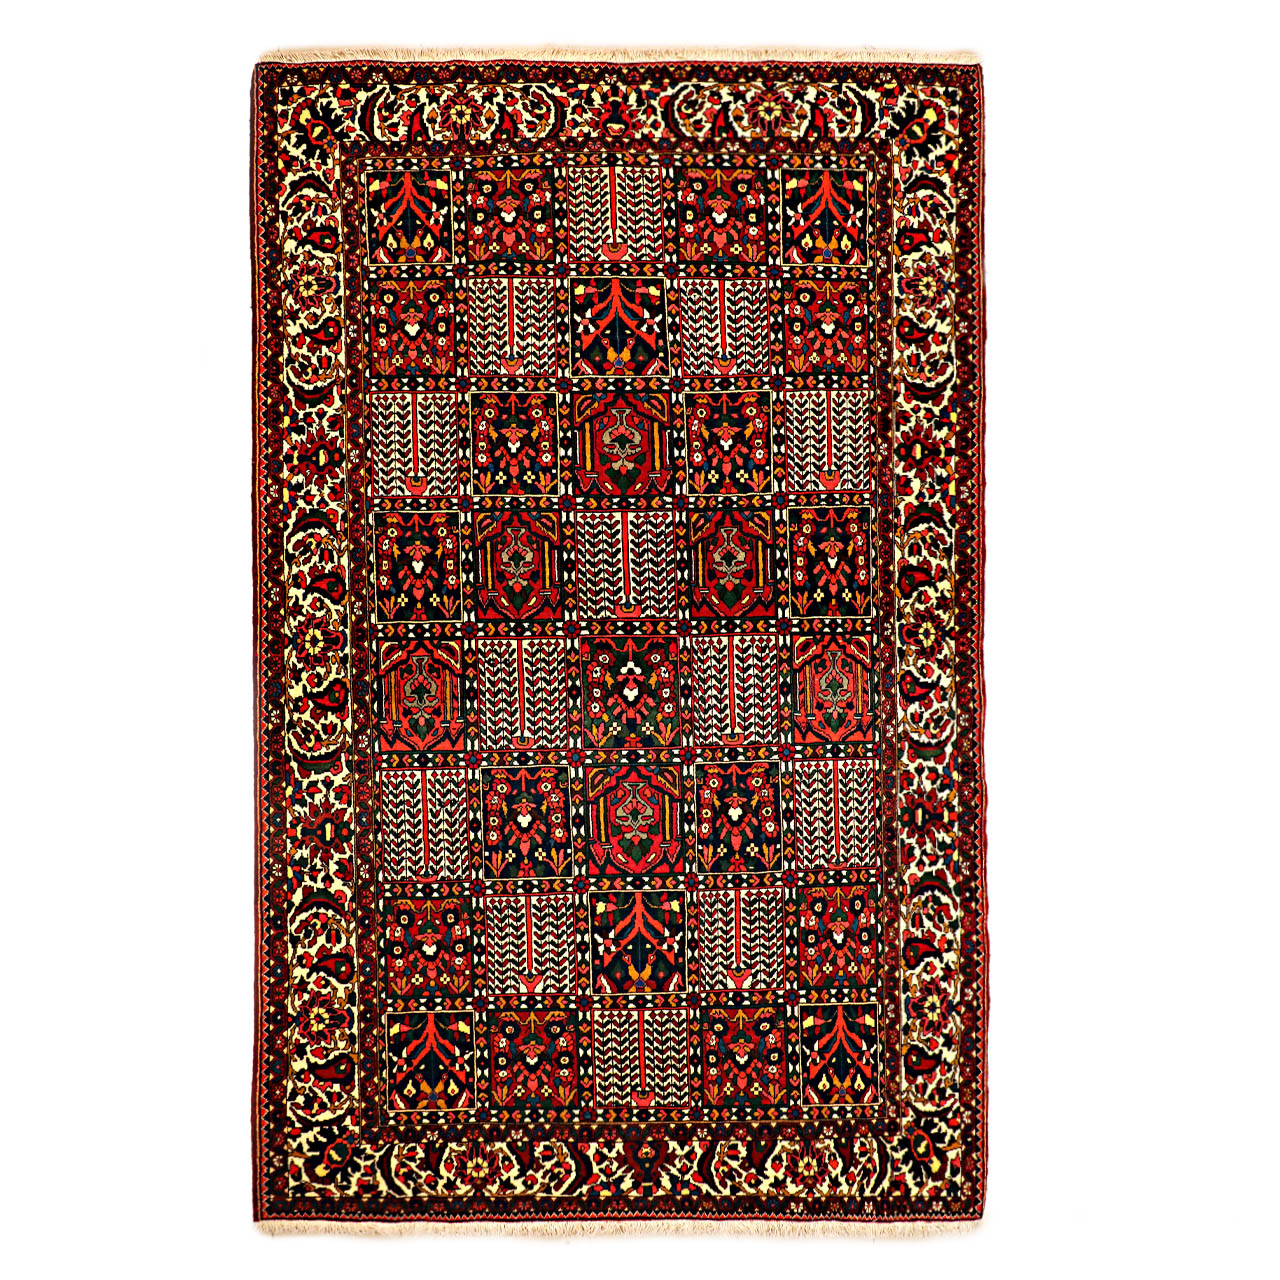 فرش دستبافت شش و نیم متری کد  galler noor 1671